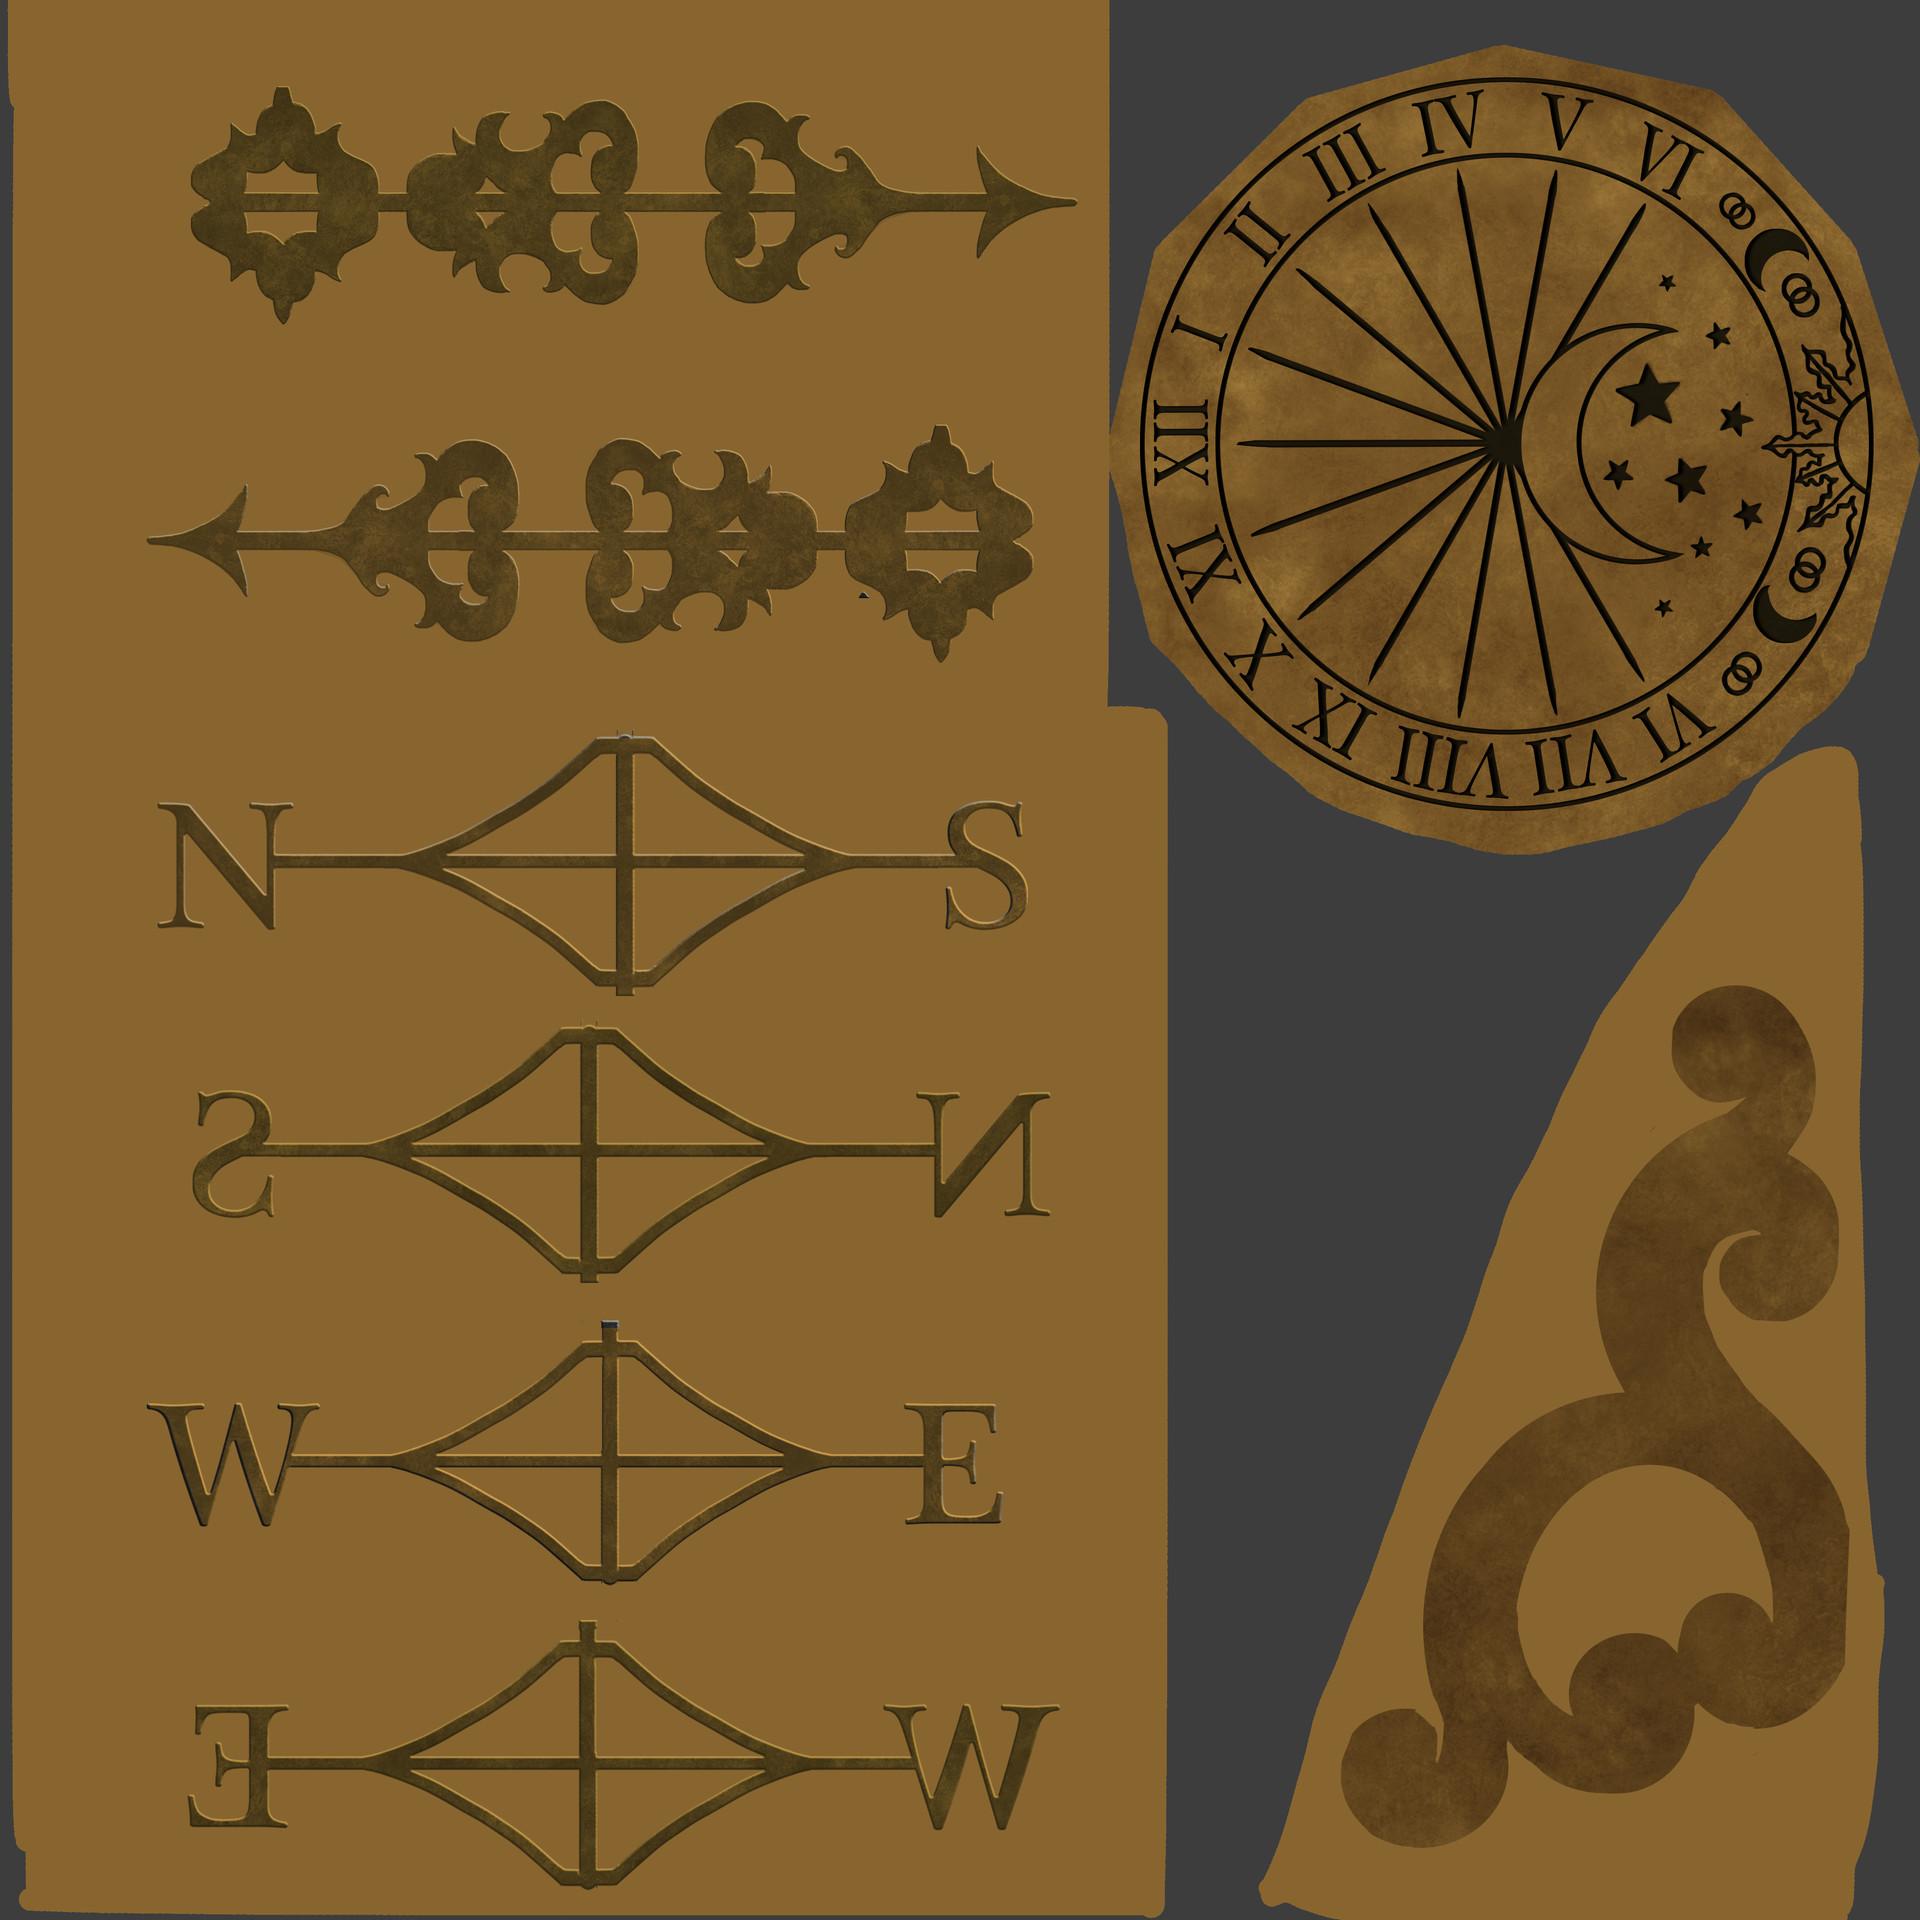 Litha bacchi clocktower noalpha